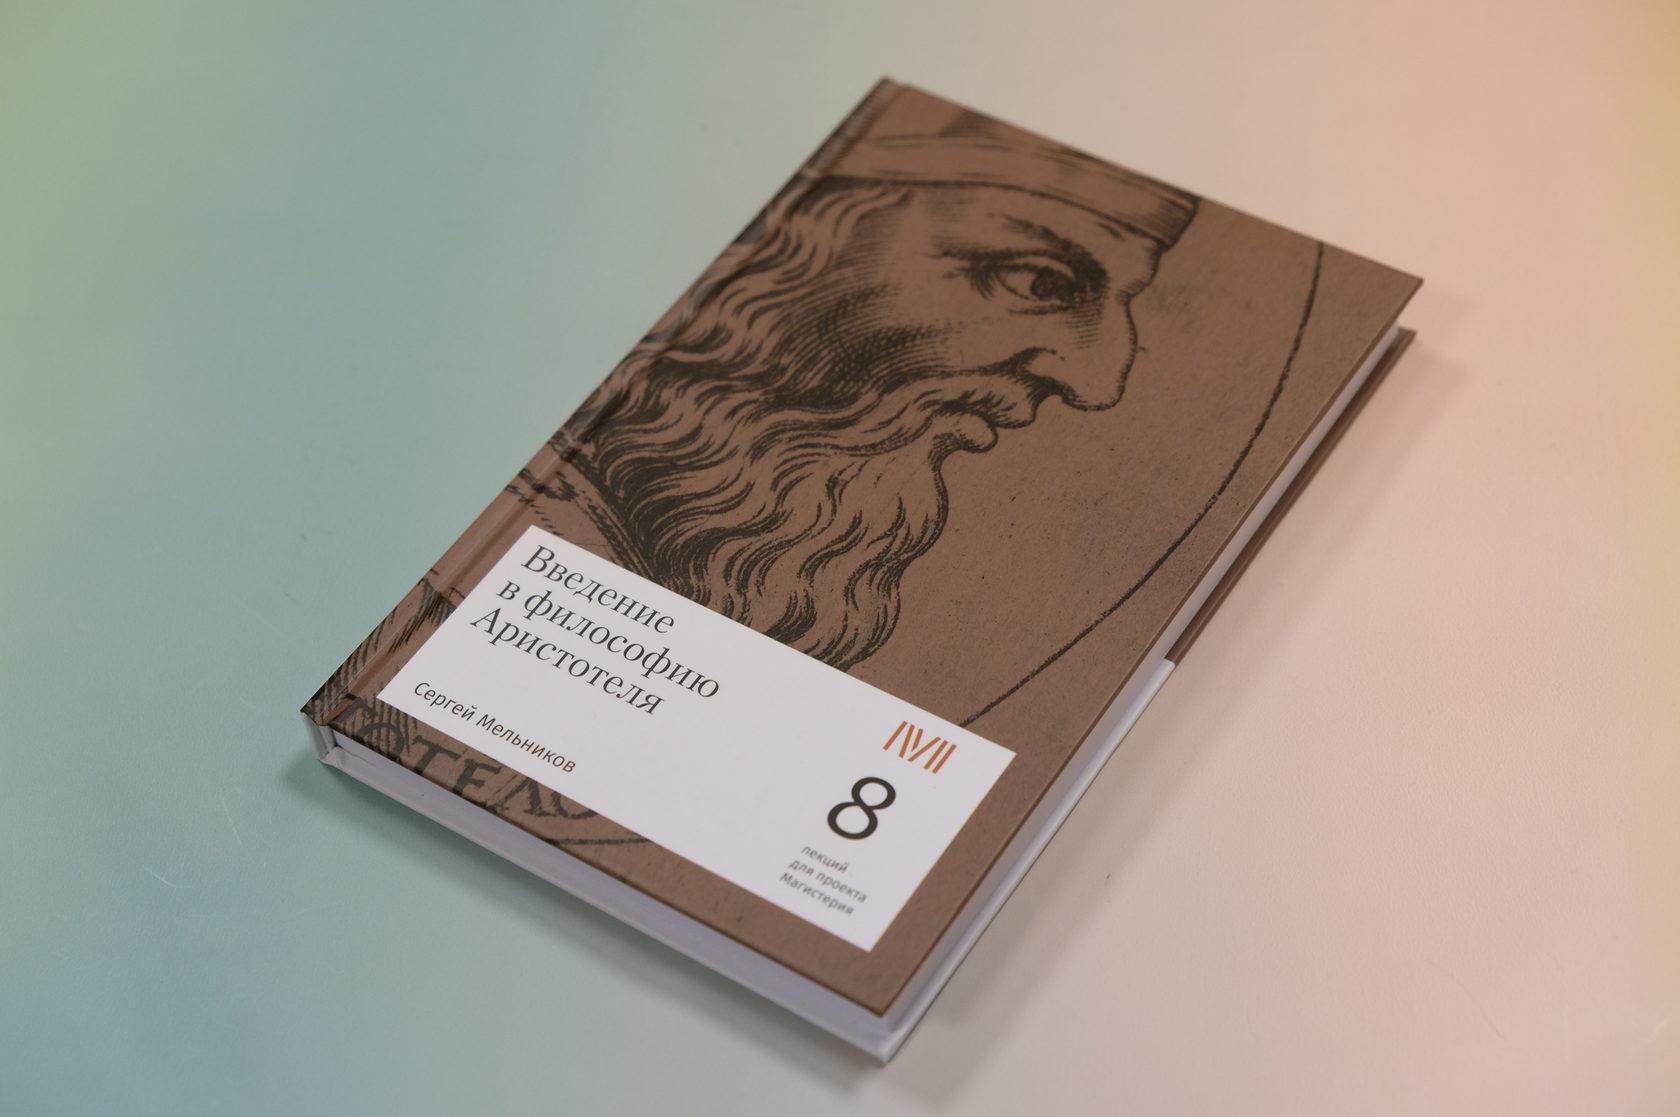 Сергей Мельников «Введение в философию Аристотеля»